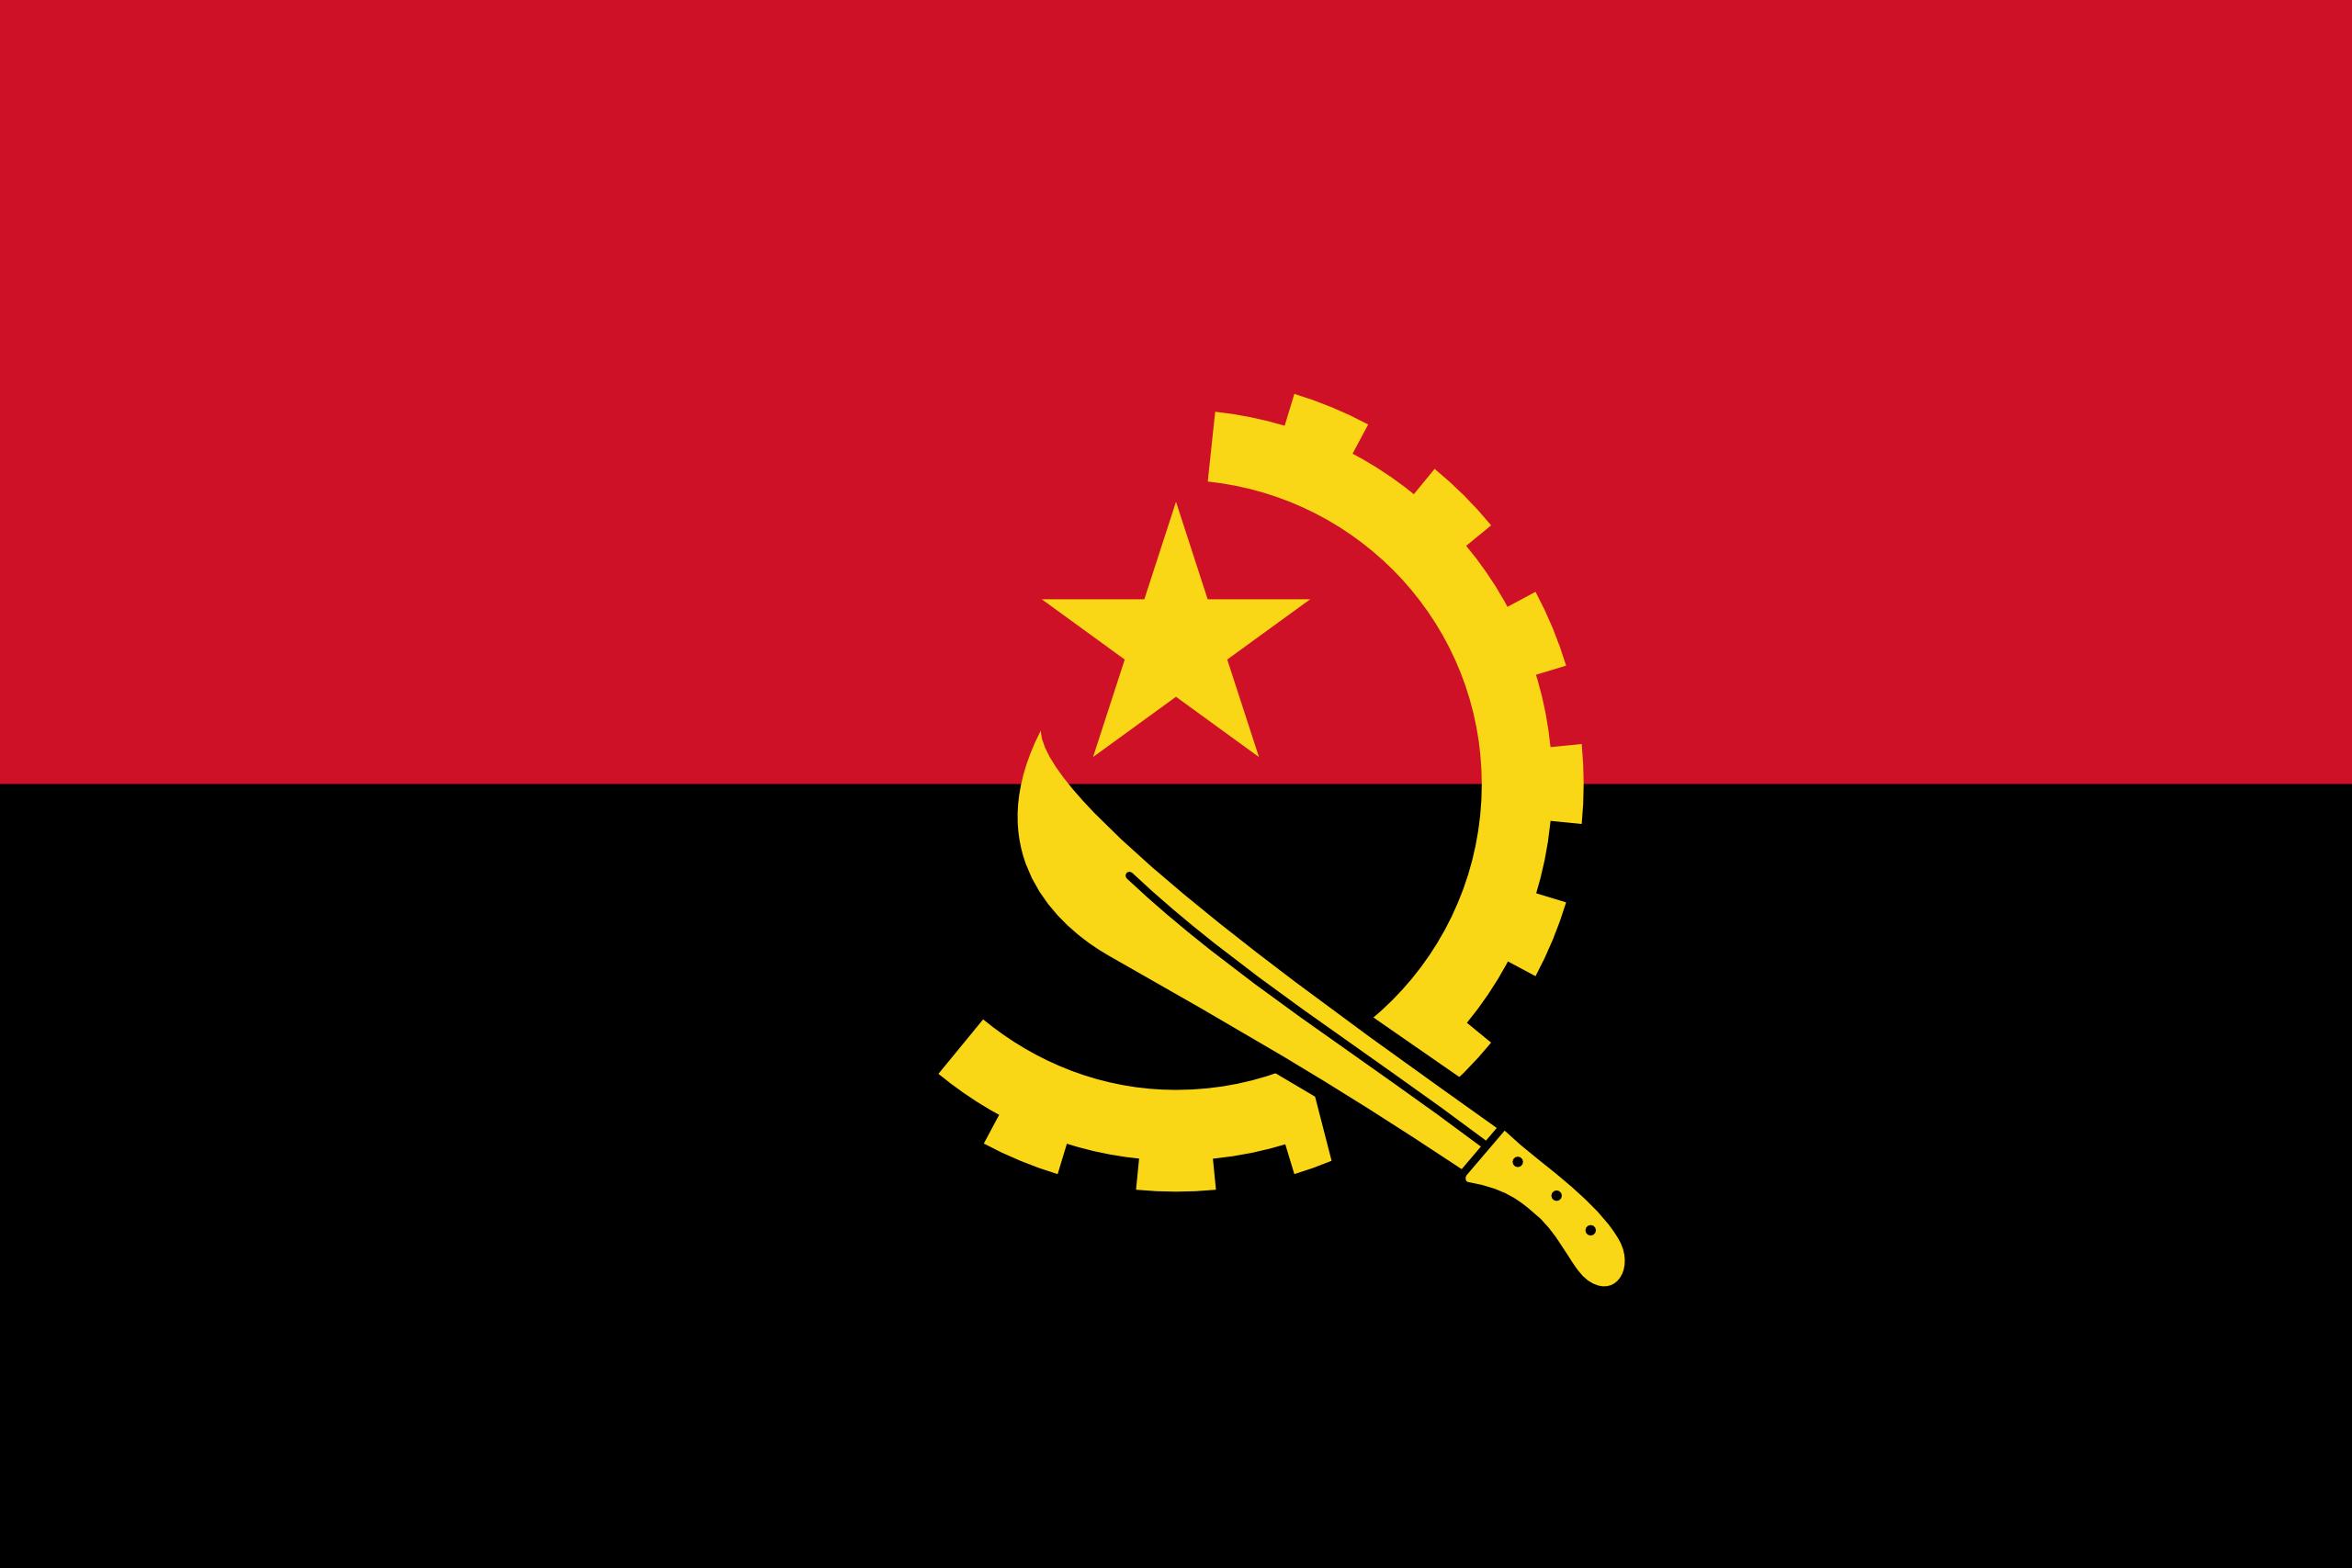 Angola, pays, emblème, logo, symbole - Fonds d'écran HD - Professor-falken.com